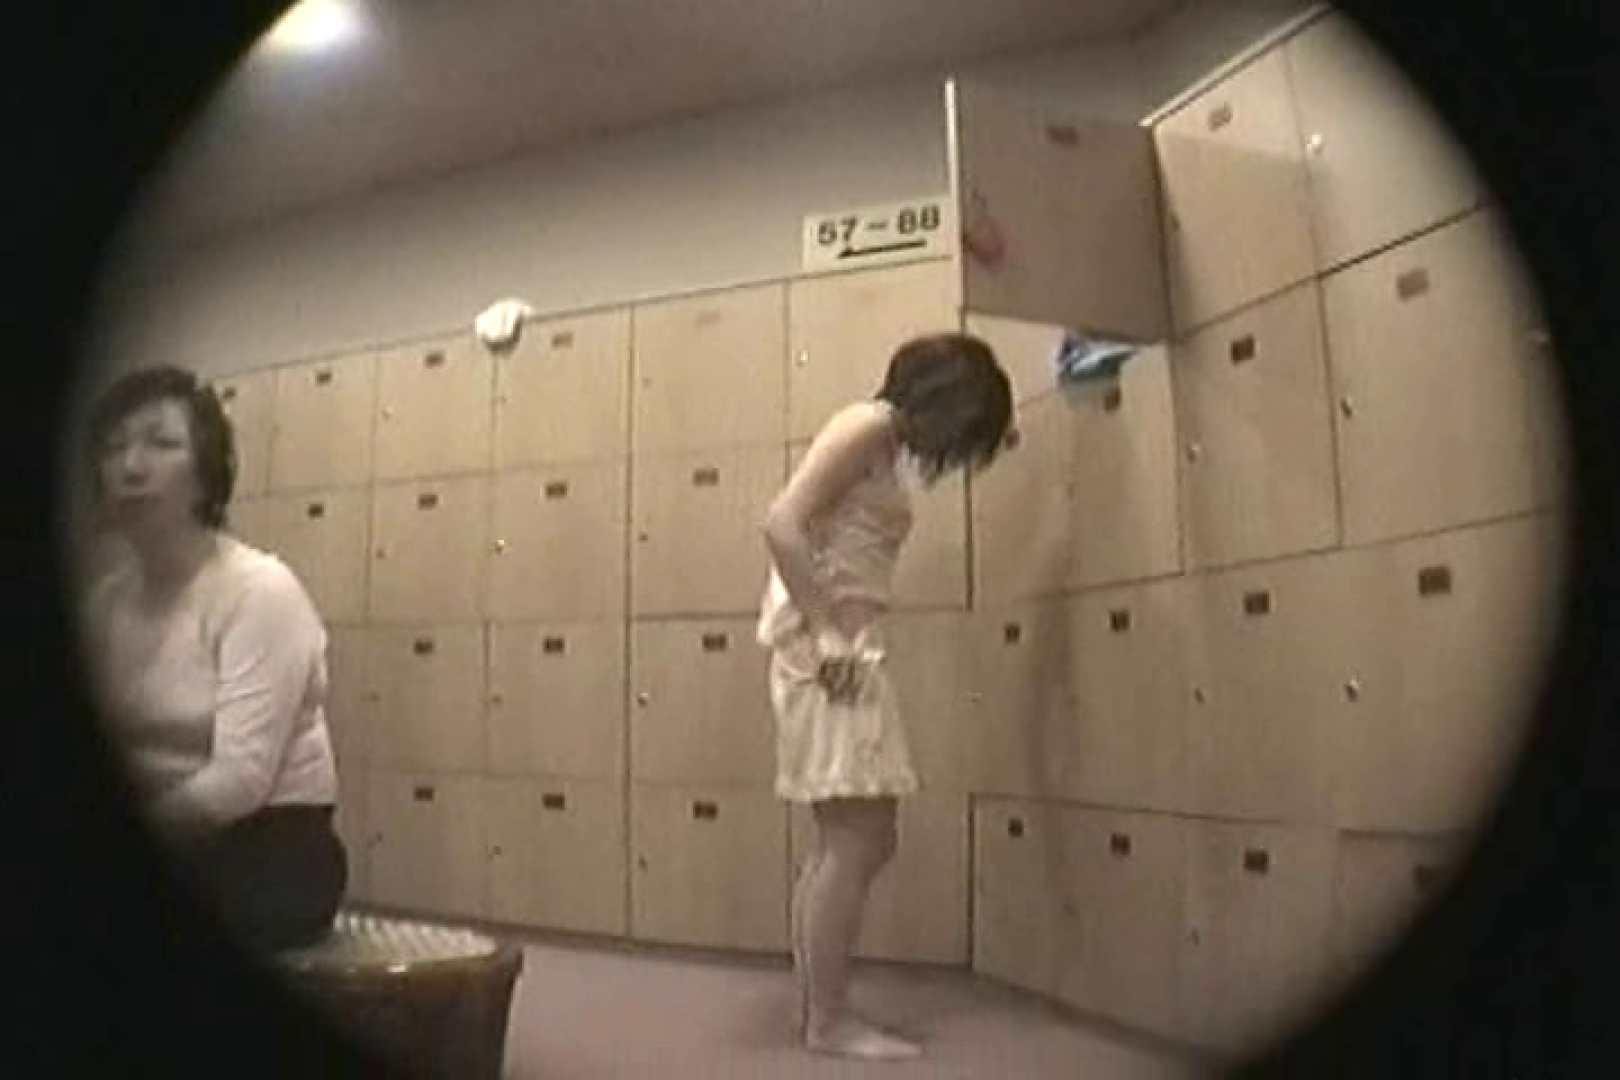 新女風呂51 女風呂   むっちり  106pic 53